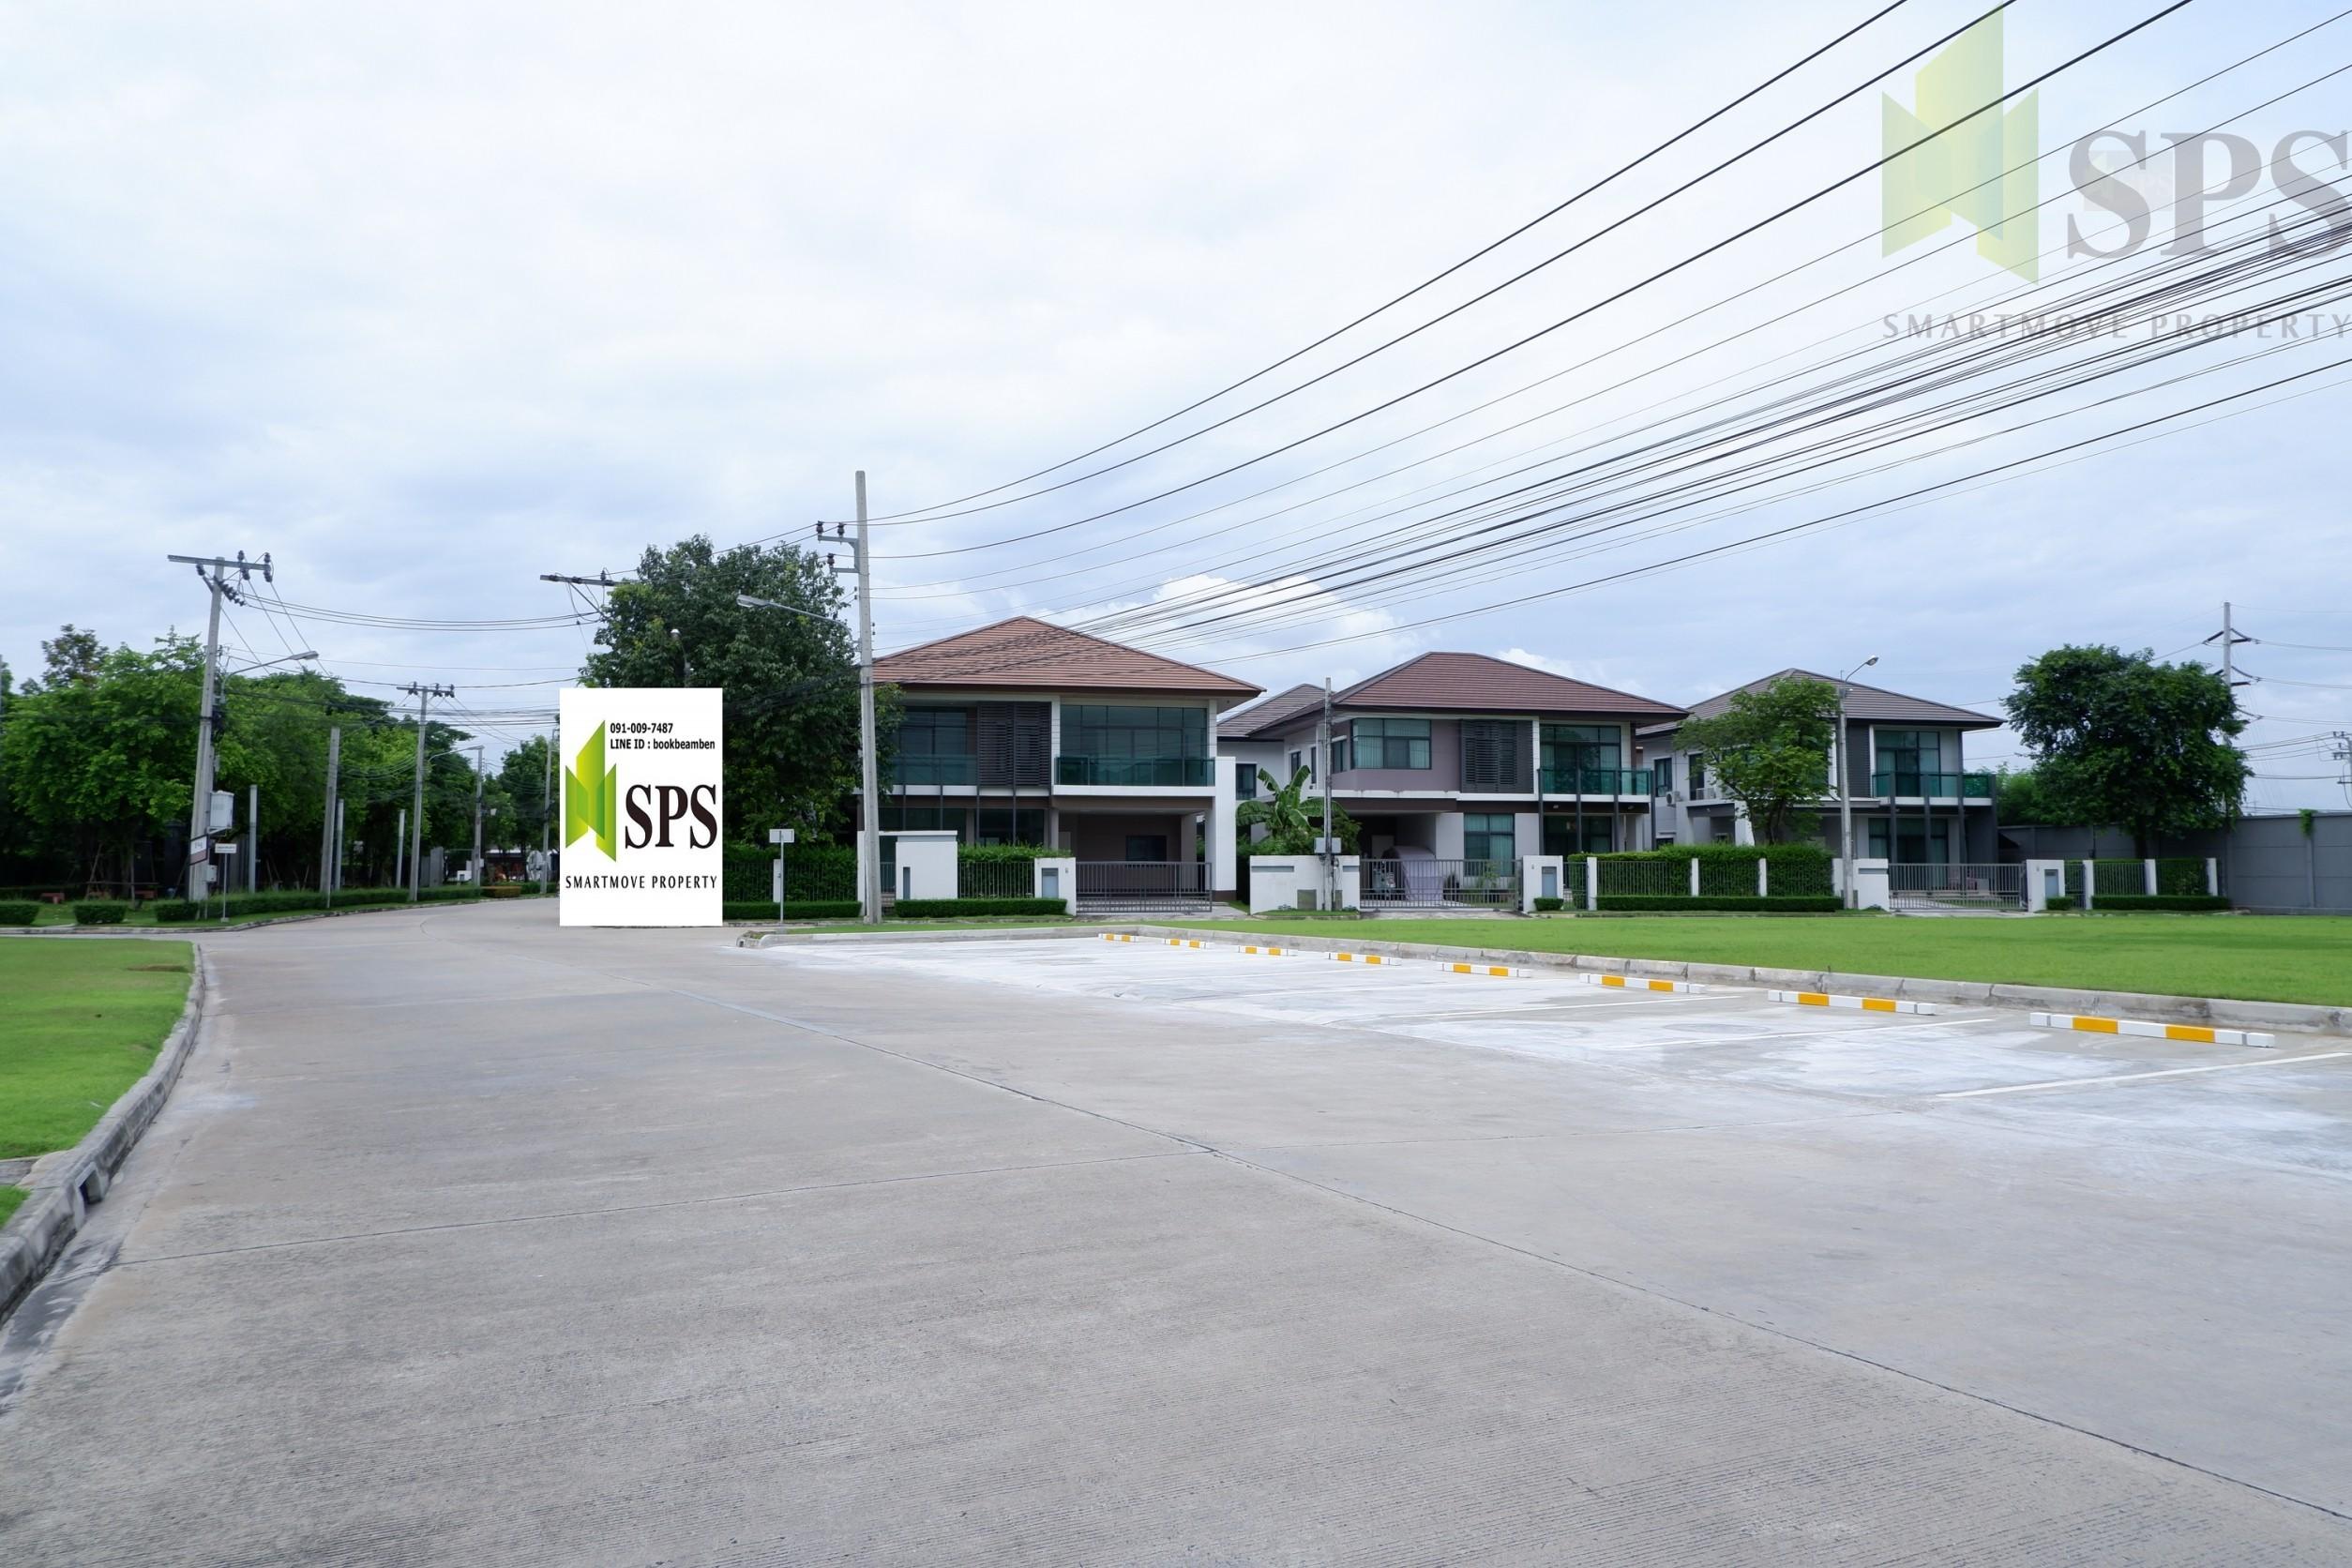 For Sale Single house Setthasiri 4+1 bedrooms Onnut – Srinakarindra(SPS-GH102)